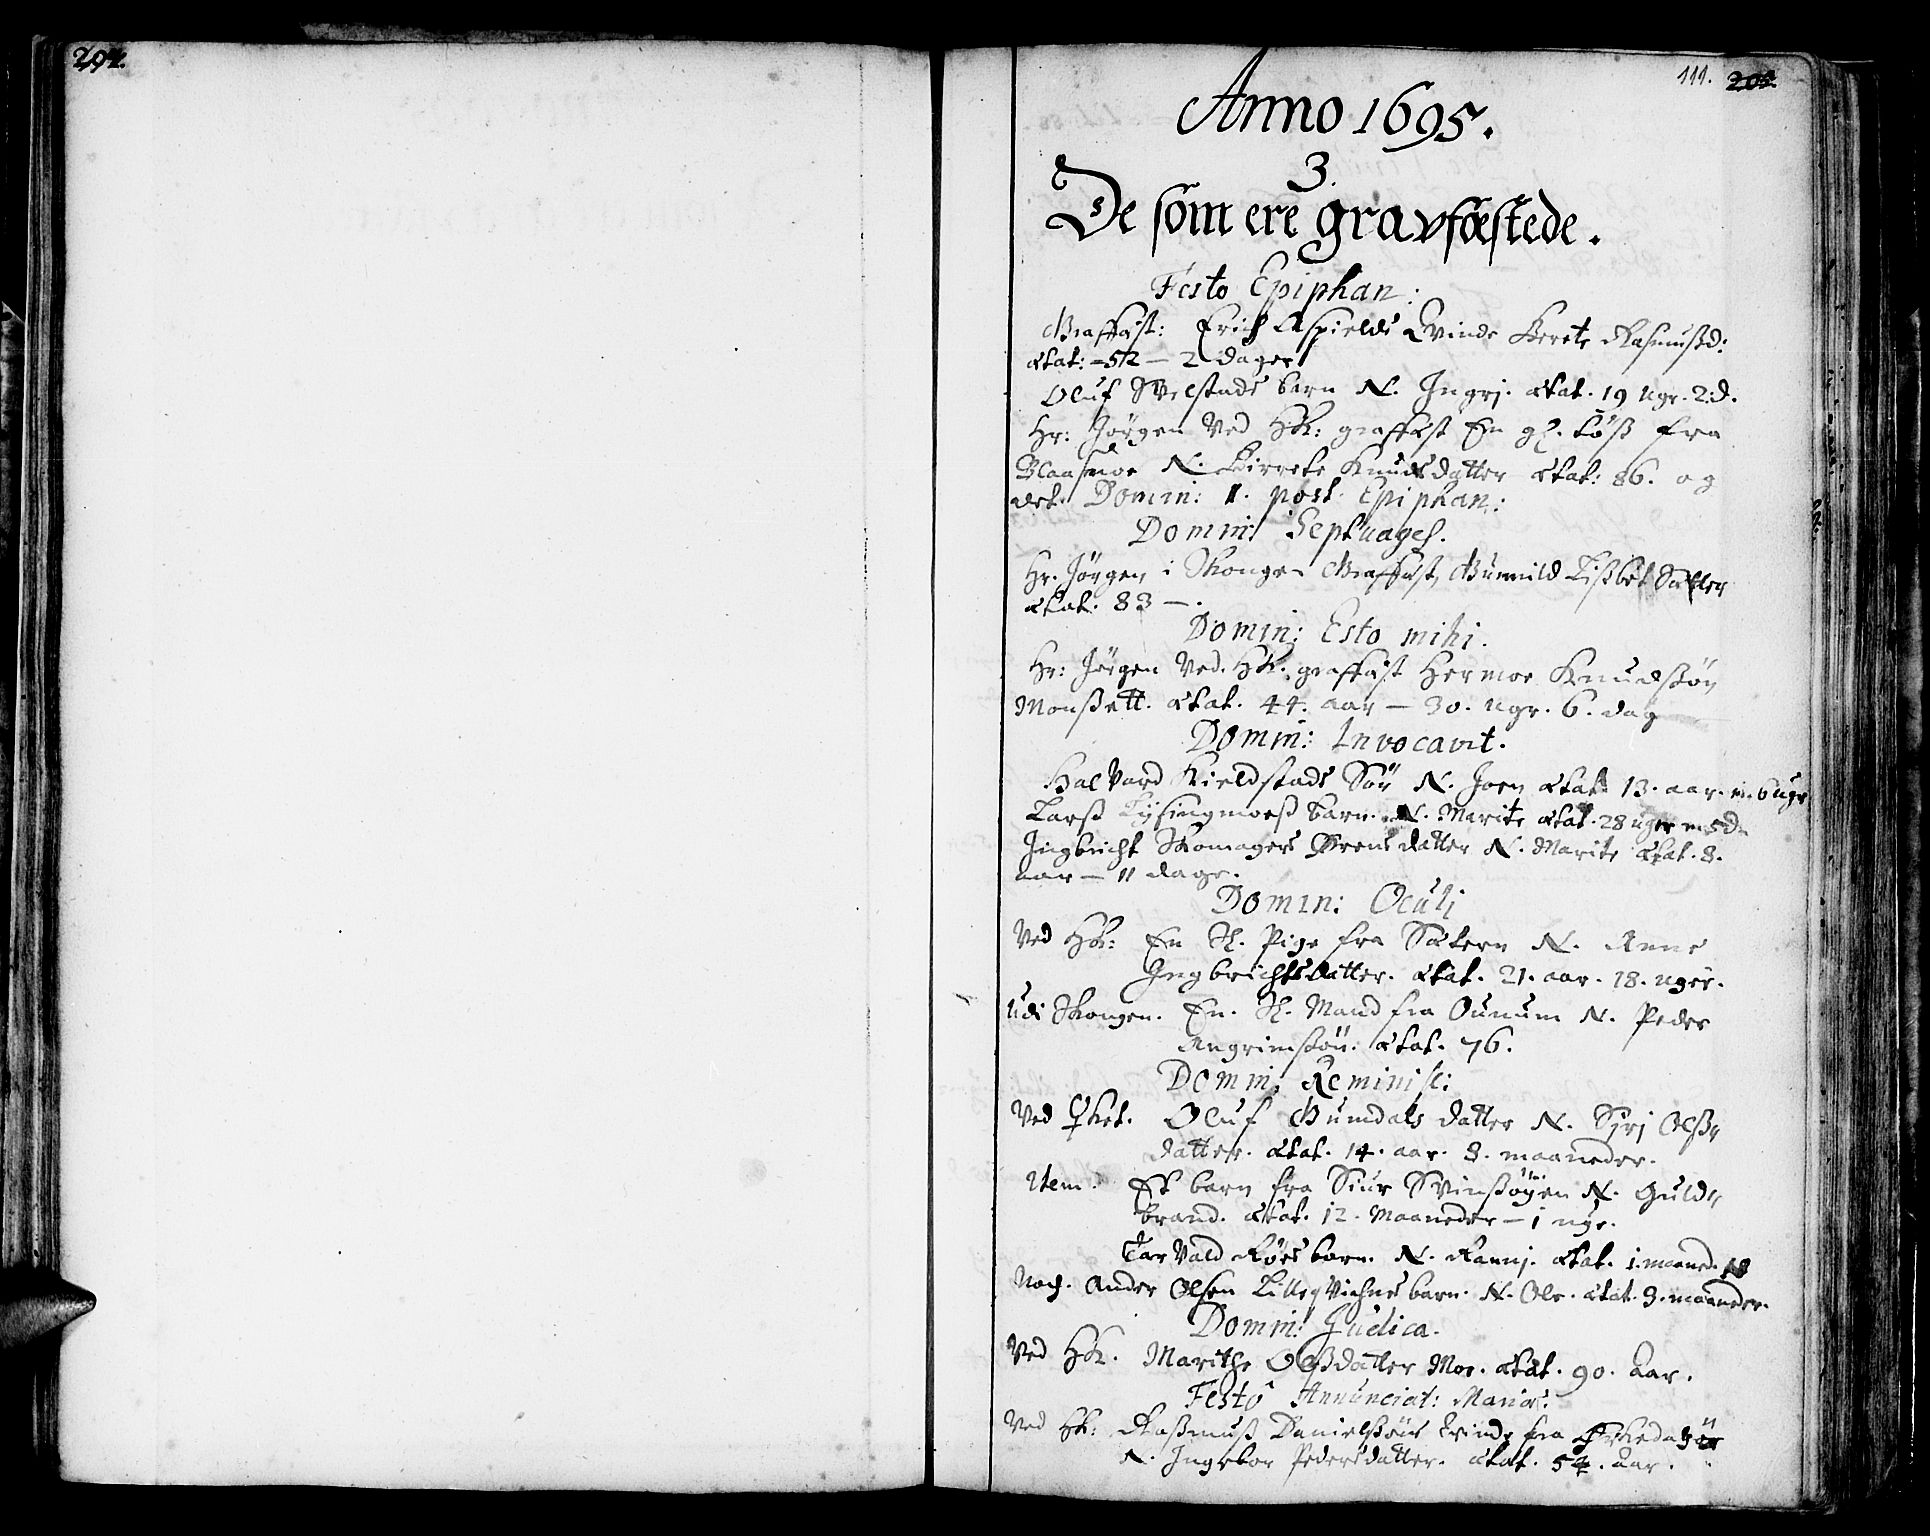 SAT, Ministerialprotokoller, klokkerbøker og fødselsregistre - Sør-Trøndelag, 668/L0801: Ministerialbok nr. 668A01, 1695-1716, s. 110-111